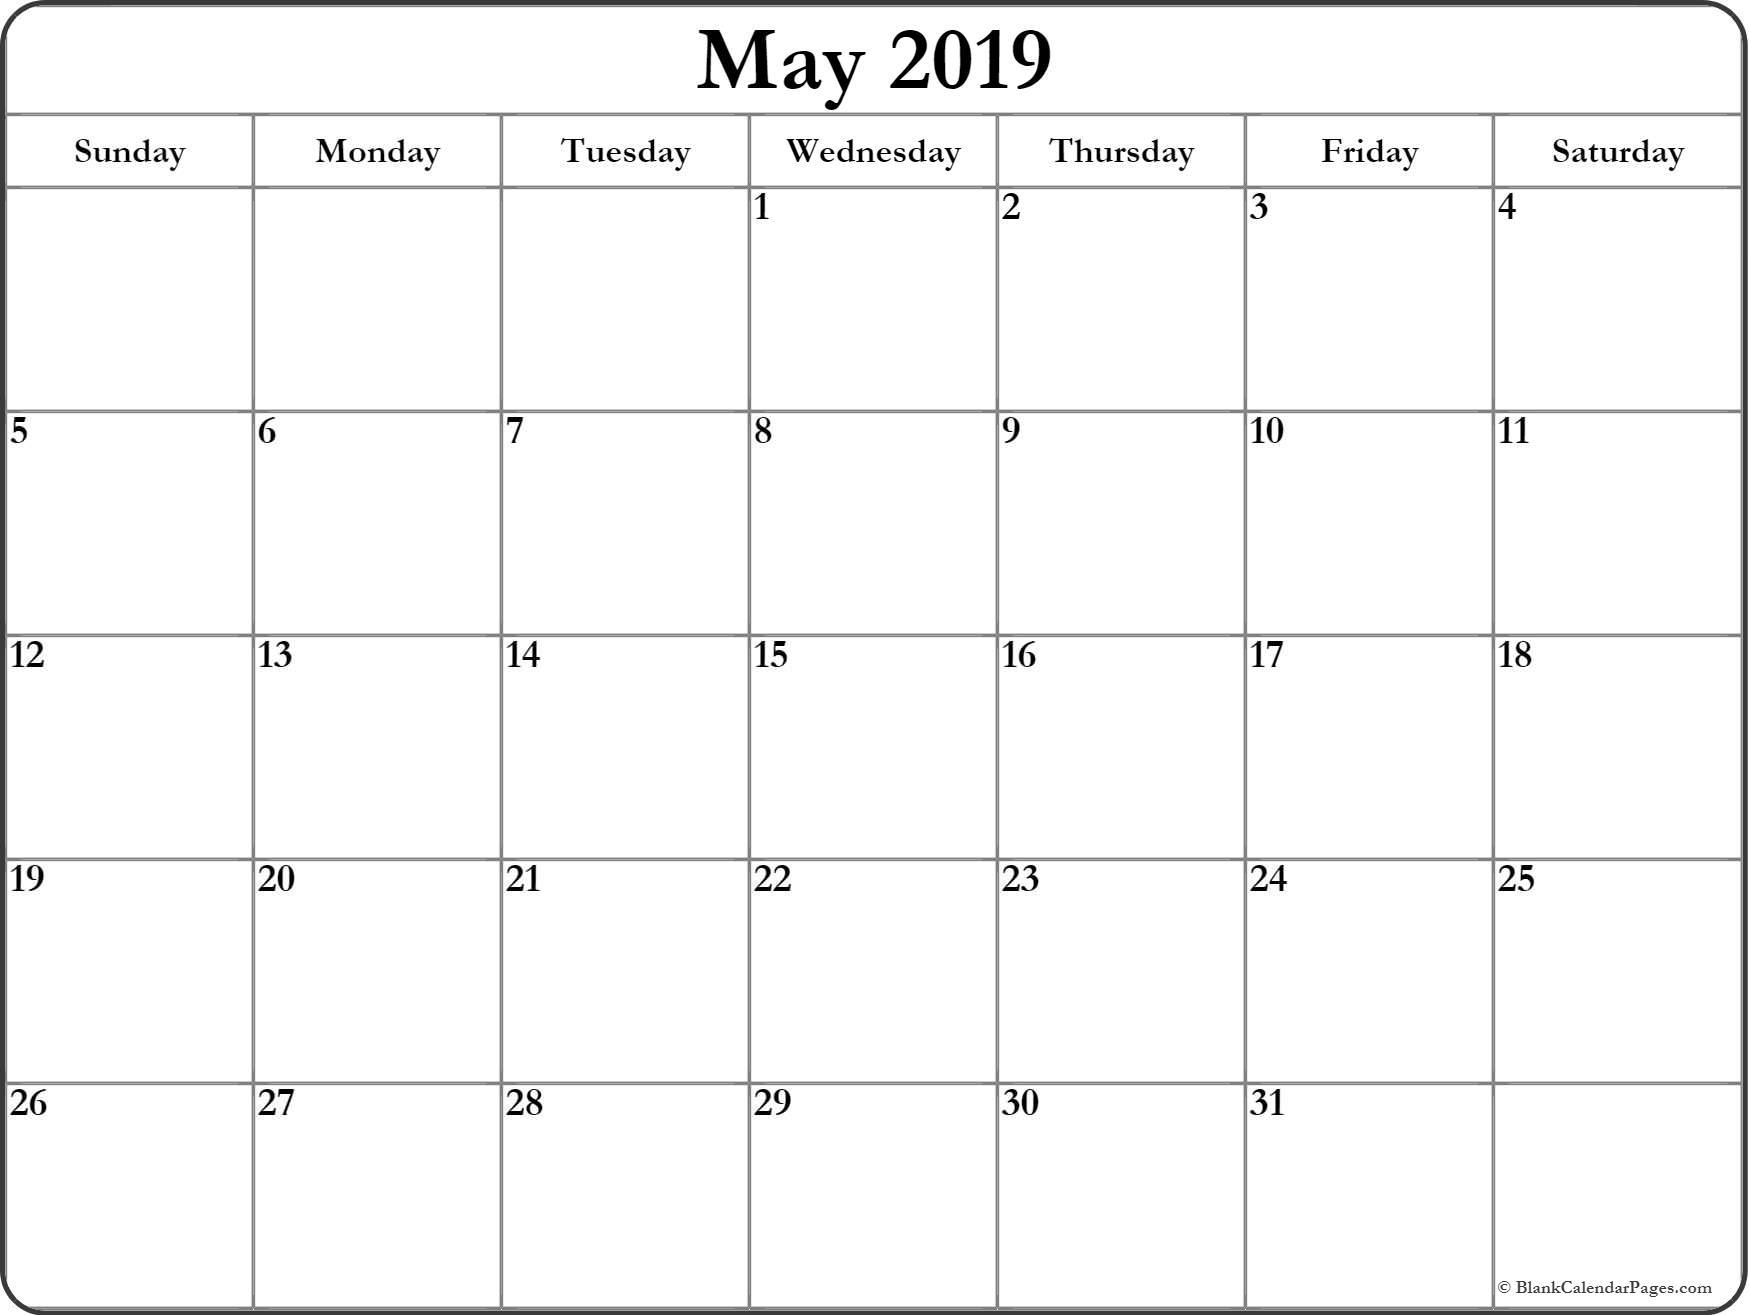 Blank Calendar For May 2019 (Printable And Templates) - Printable